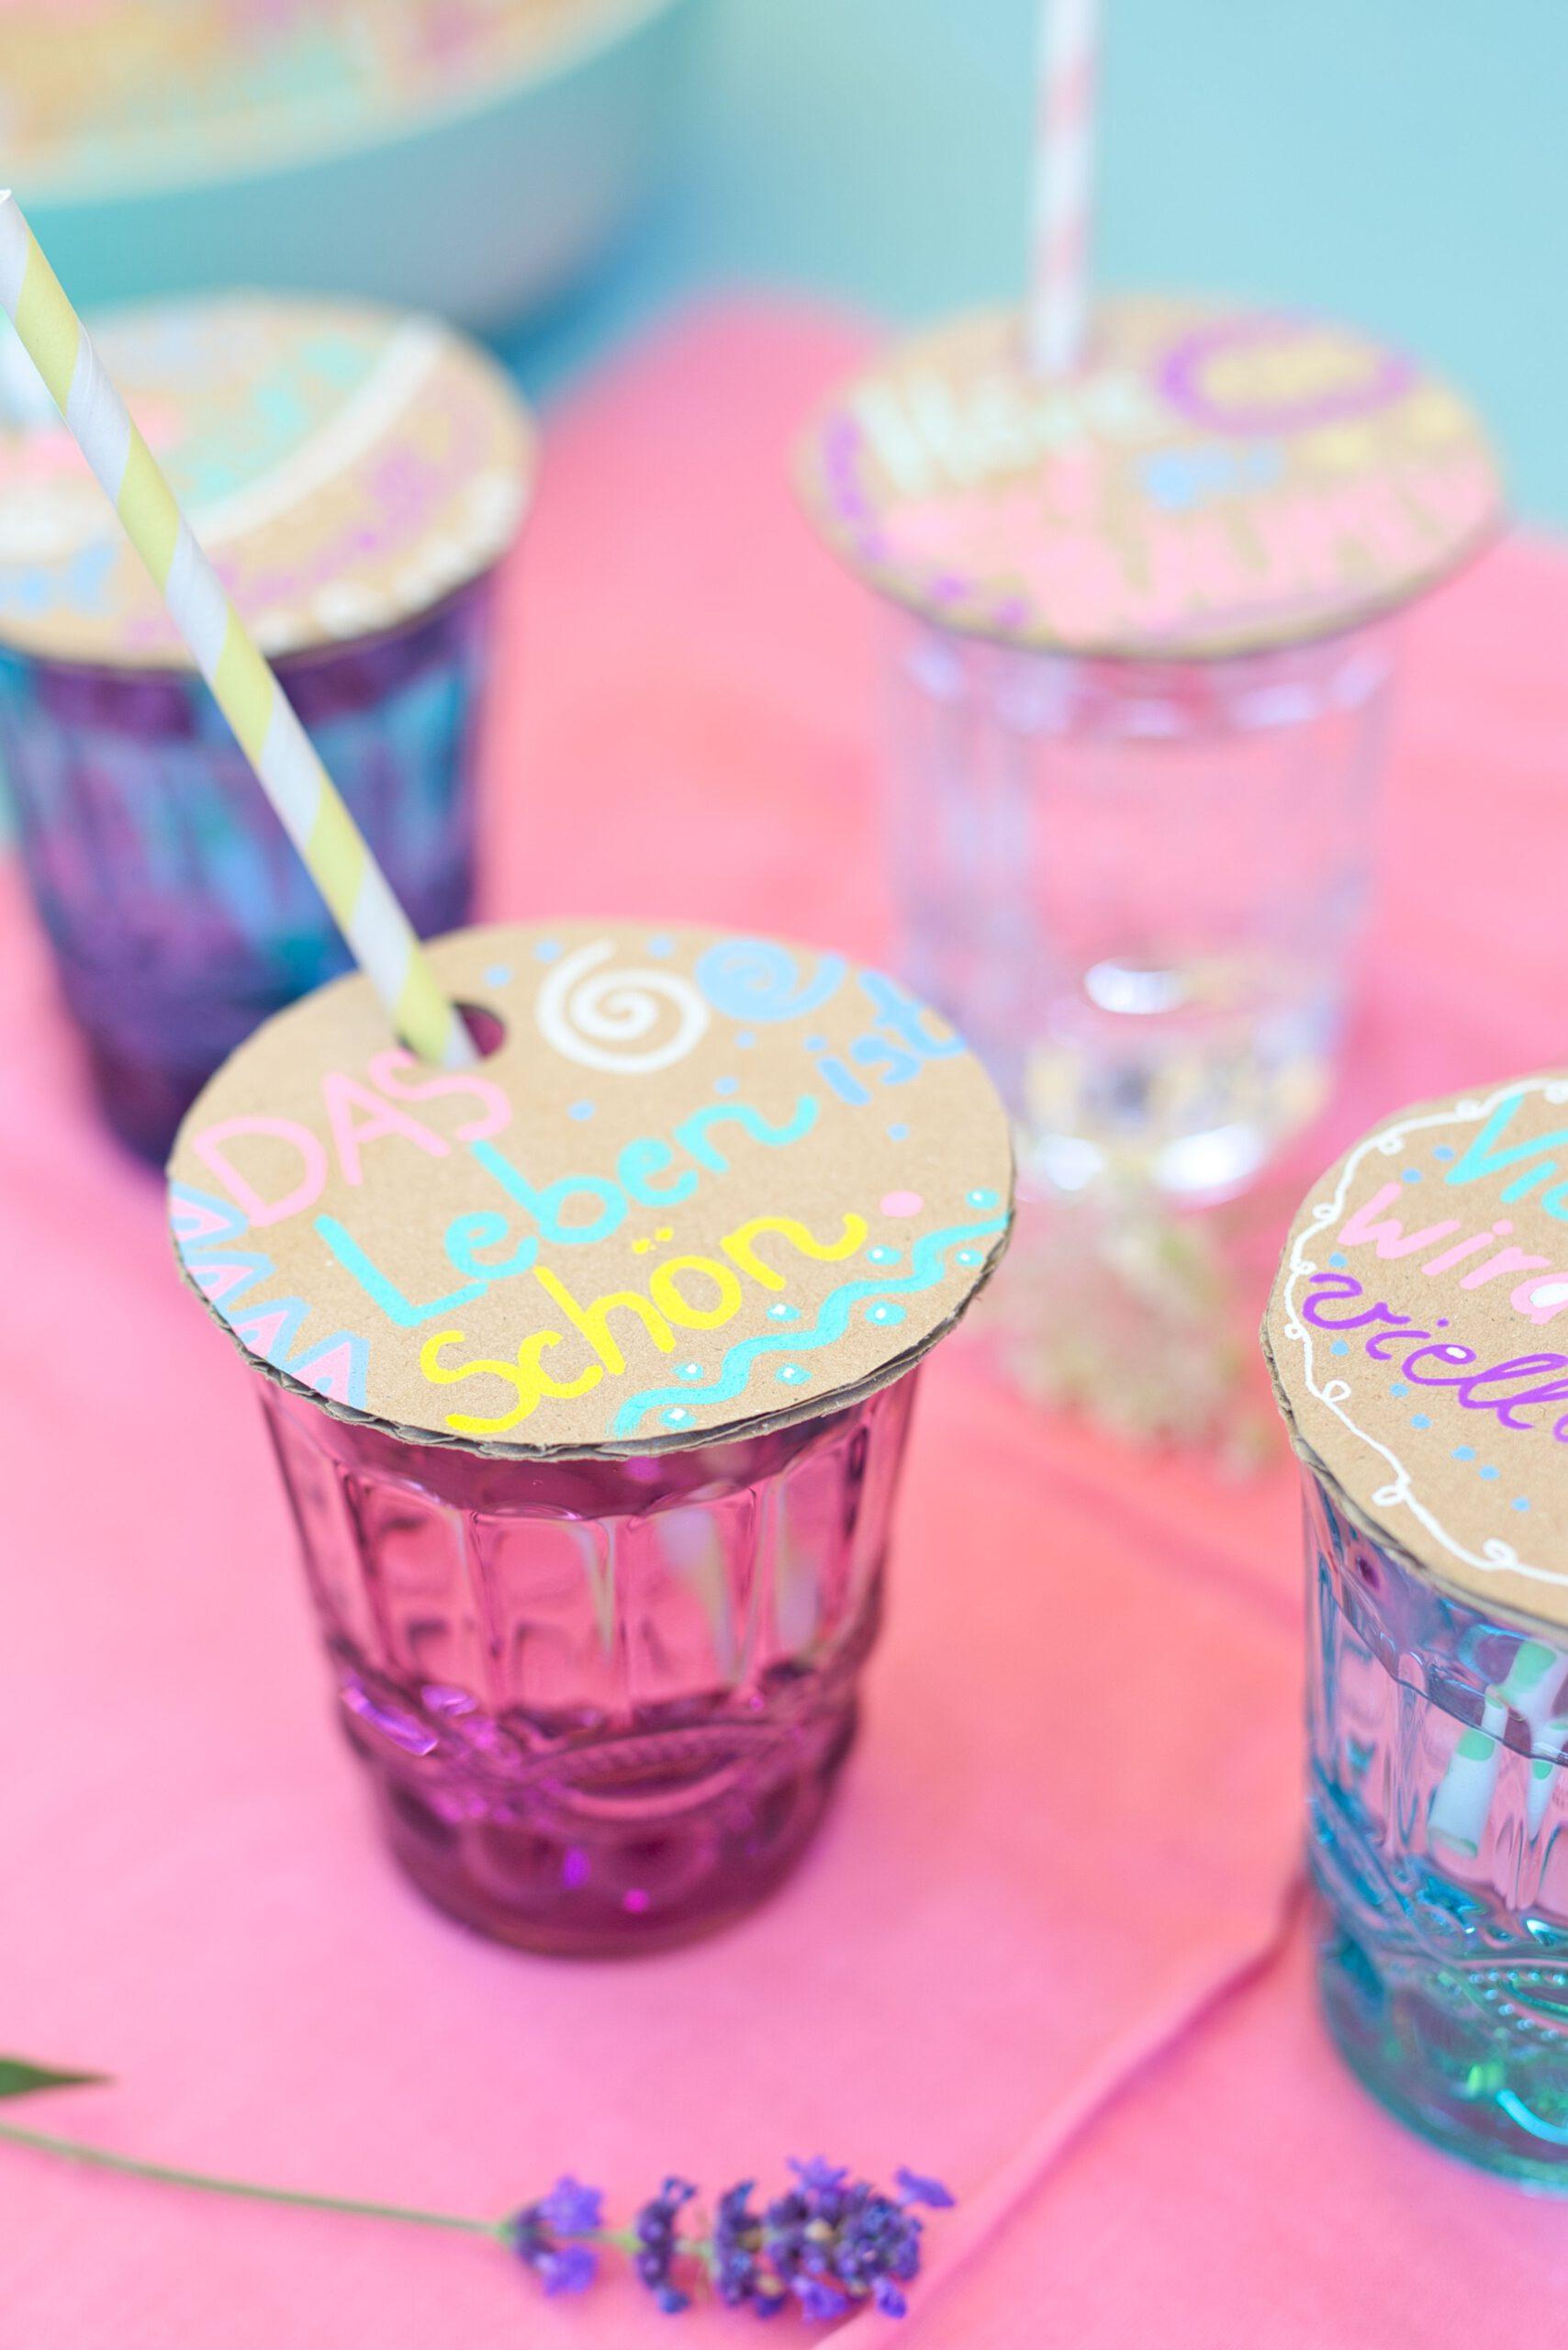 Einfache DIY-Idee: Glasbedeckung aus Pappkarton - mit dieser Ideen hat jeder Gast sein individuelles Glas und die Getränke sind vor Bienen geschützt.